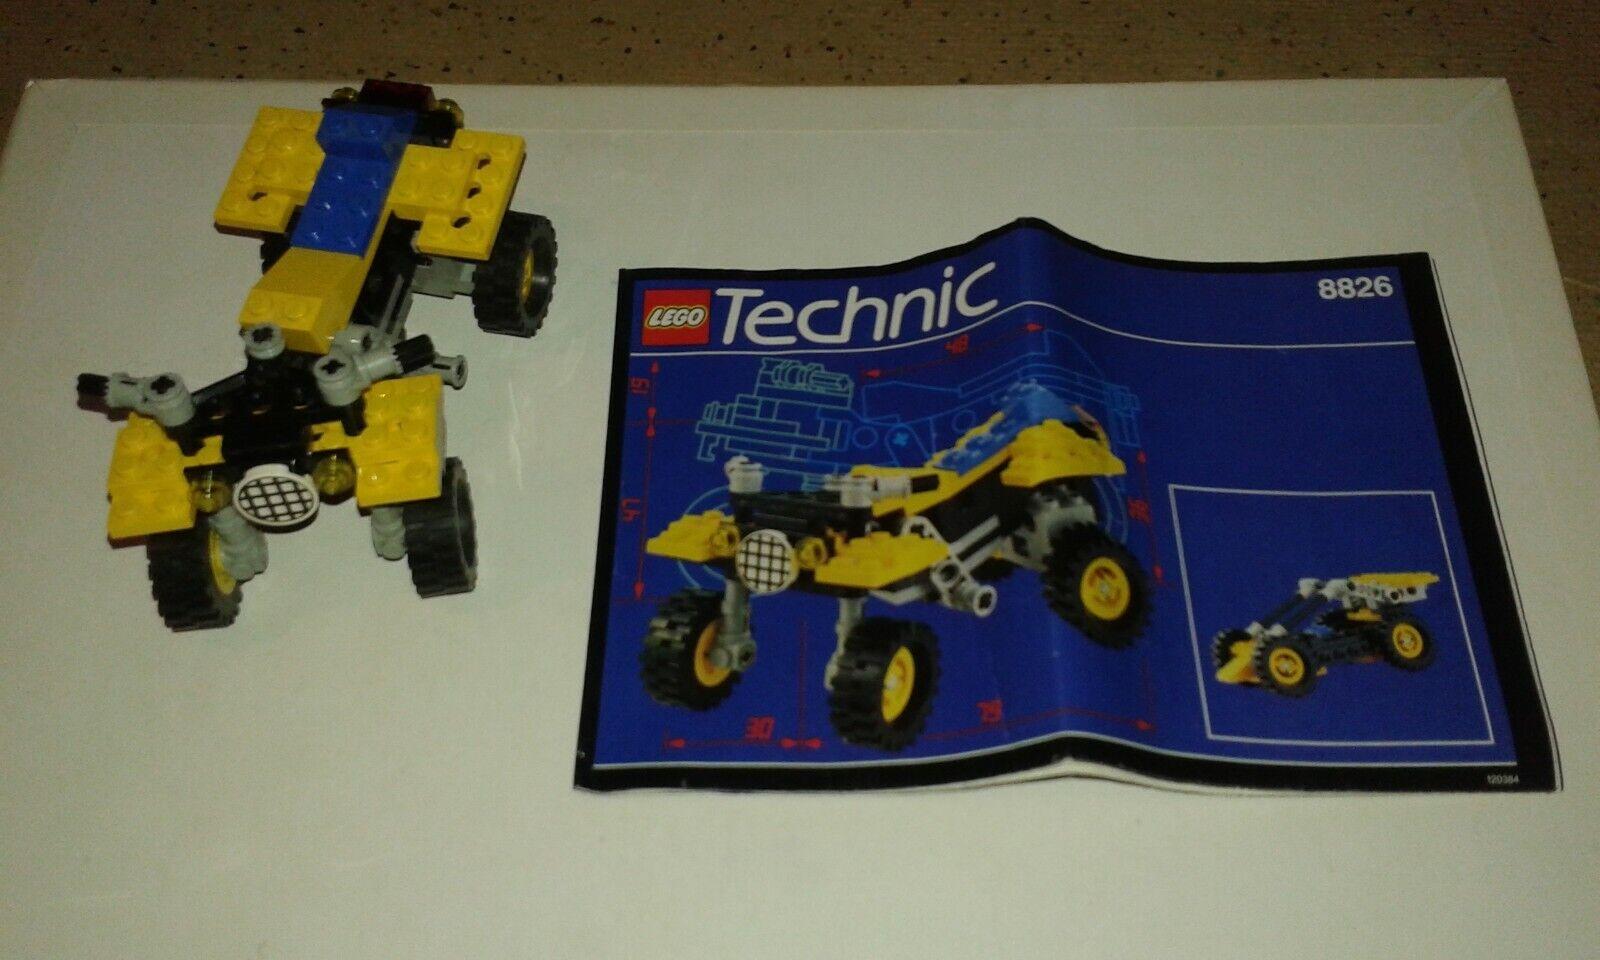 Technic Début 3 8825 8826 De Lego Quasi Et Lot 908820 rBQdeWxoC